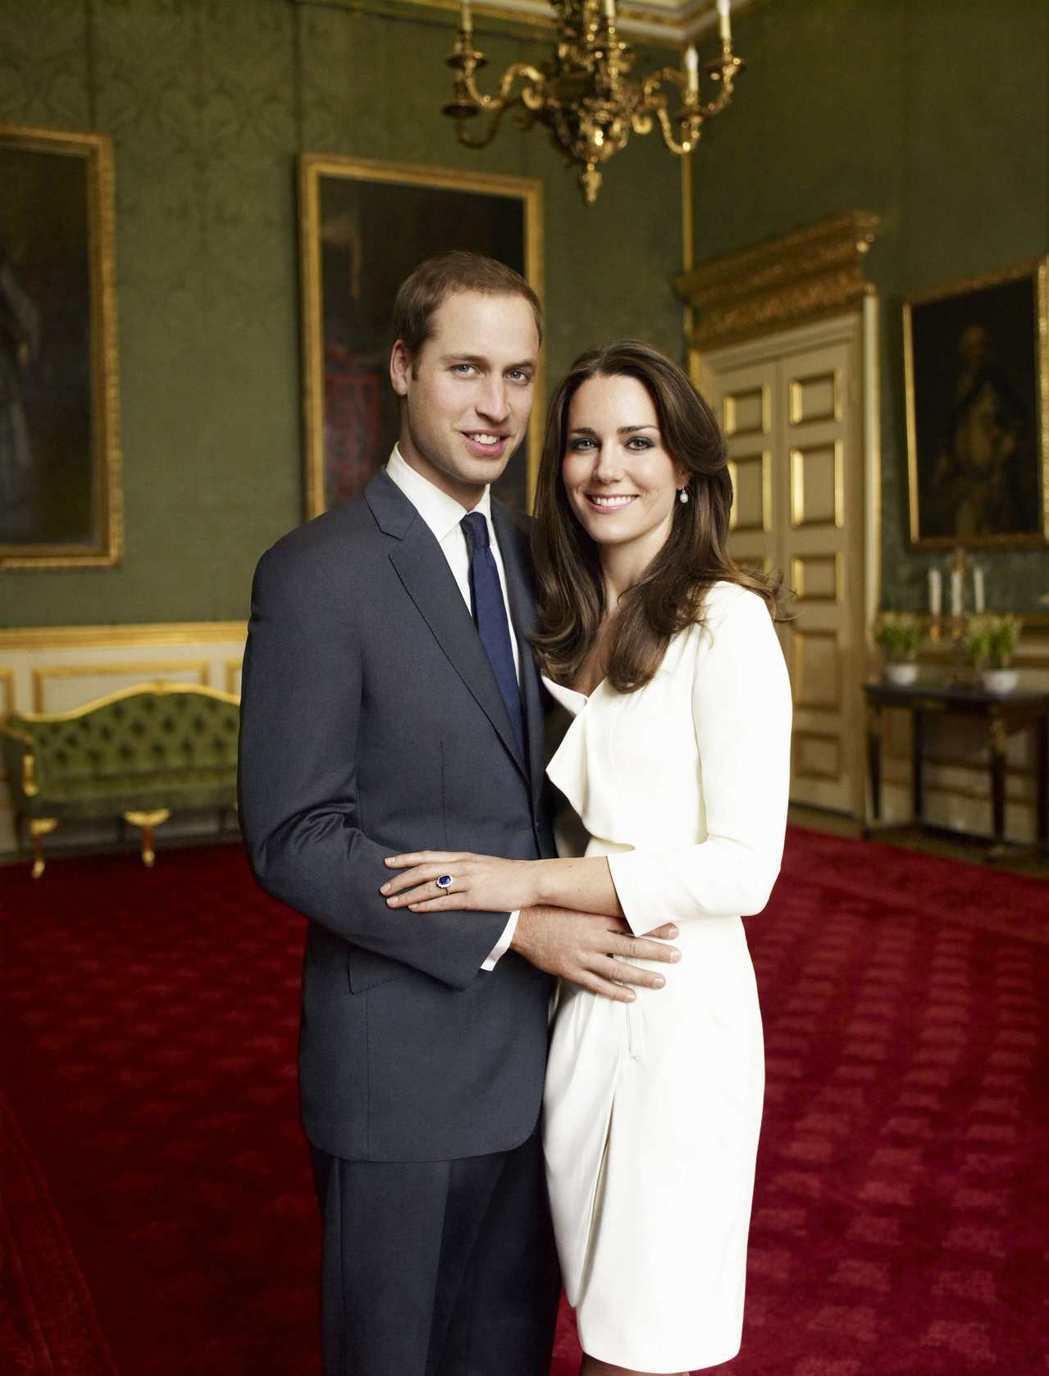 威廉與凱特在美國也有高人氣。圖/路透資料照片